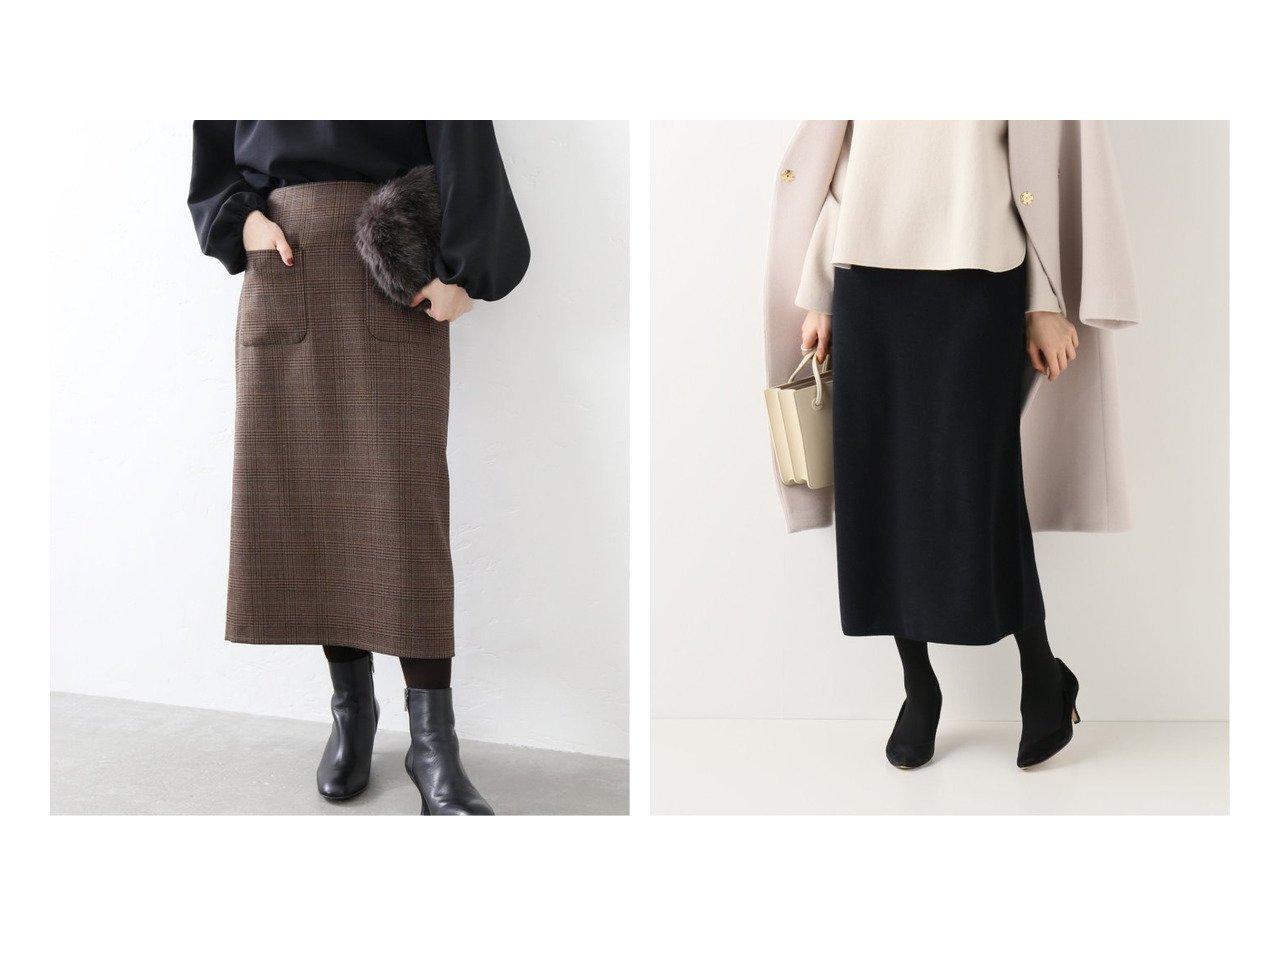 【La TOTALITE/ラ トータリテ】の12Gカタアゼスカート&《追加》ウールチェックポケットタイトスカート La TOTALITEのおすすめ!人気、トレンド・レディースファッションの通販  おすすめで人気の流行・トレンド、ファッションの通販商品 メンズファッション・キッズファッション・インテリア・家具・レディースファッション・服の通販 founy(ファニー) https://founy.com/ ファッション Fashion レディースファッション WOMEN スカート Skirt 2020年 2020 2020-2021 秋冬 A/W AW Autumn/Winter / FW Fall-Winter 2020-2021 A/W 秋冬 AW Autumn/Winter / FW Fall-Winter カットソー カーディガン シューズ ジャケット フラット ブーティ アンサンブル スリット セットアップ パーカー リラックス |ID:crp329100000017361